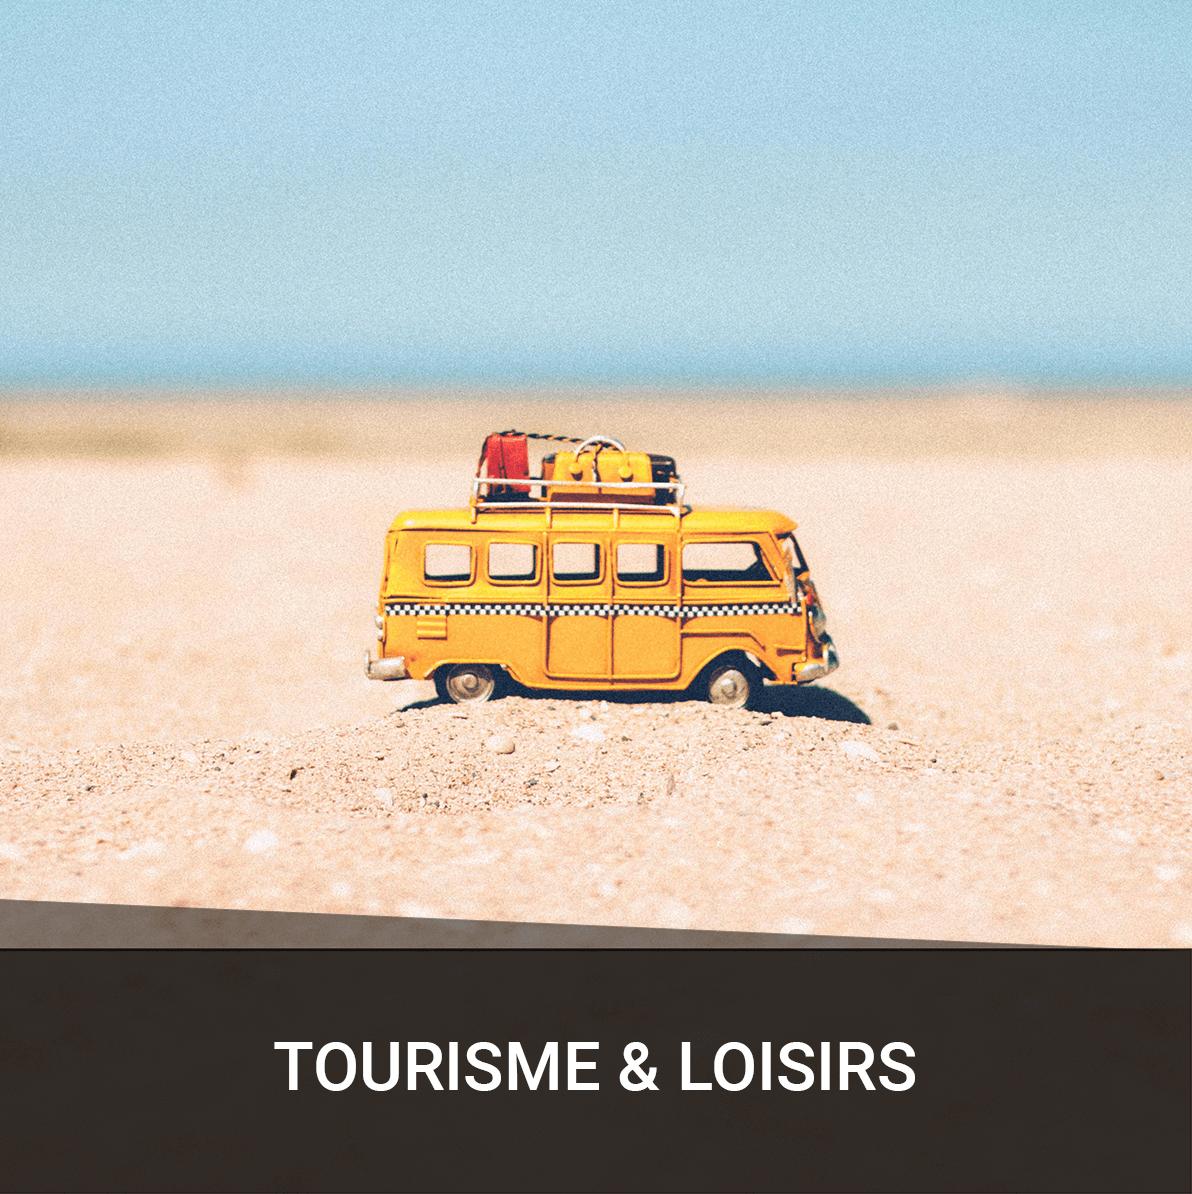 Image représentant la catégorie tourismes & loisirs des réalisations de Fructiweb